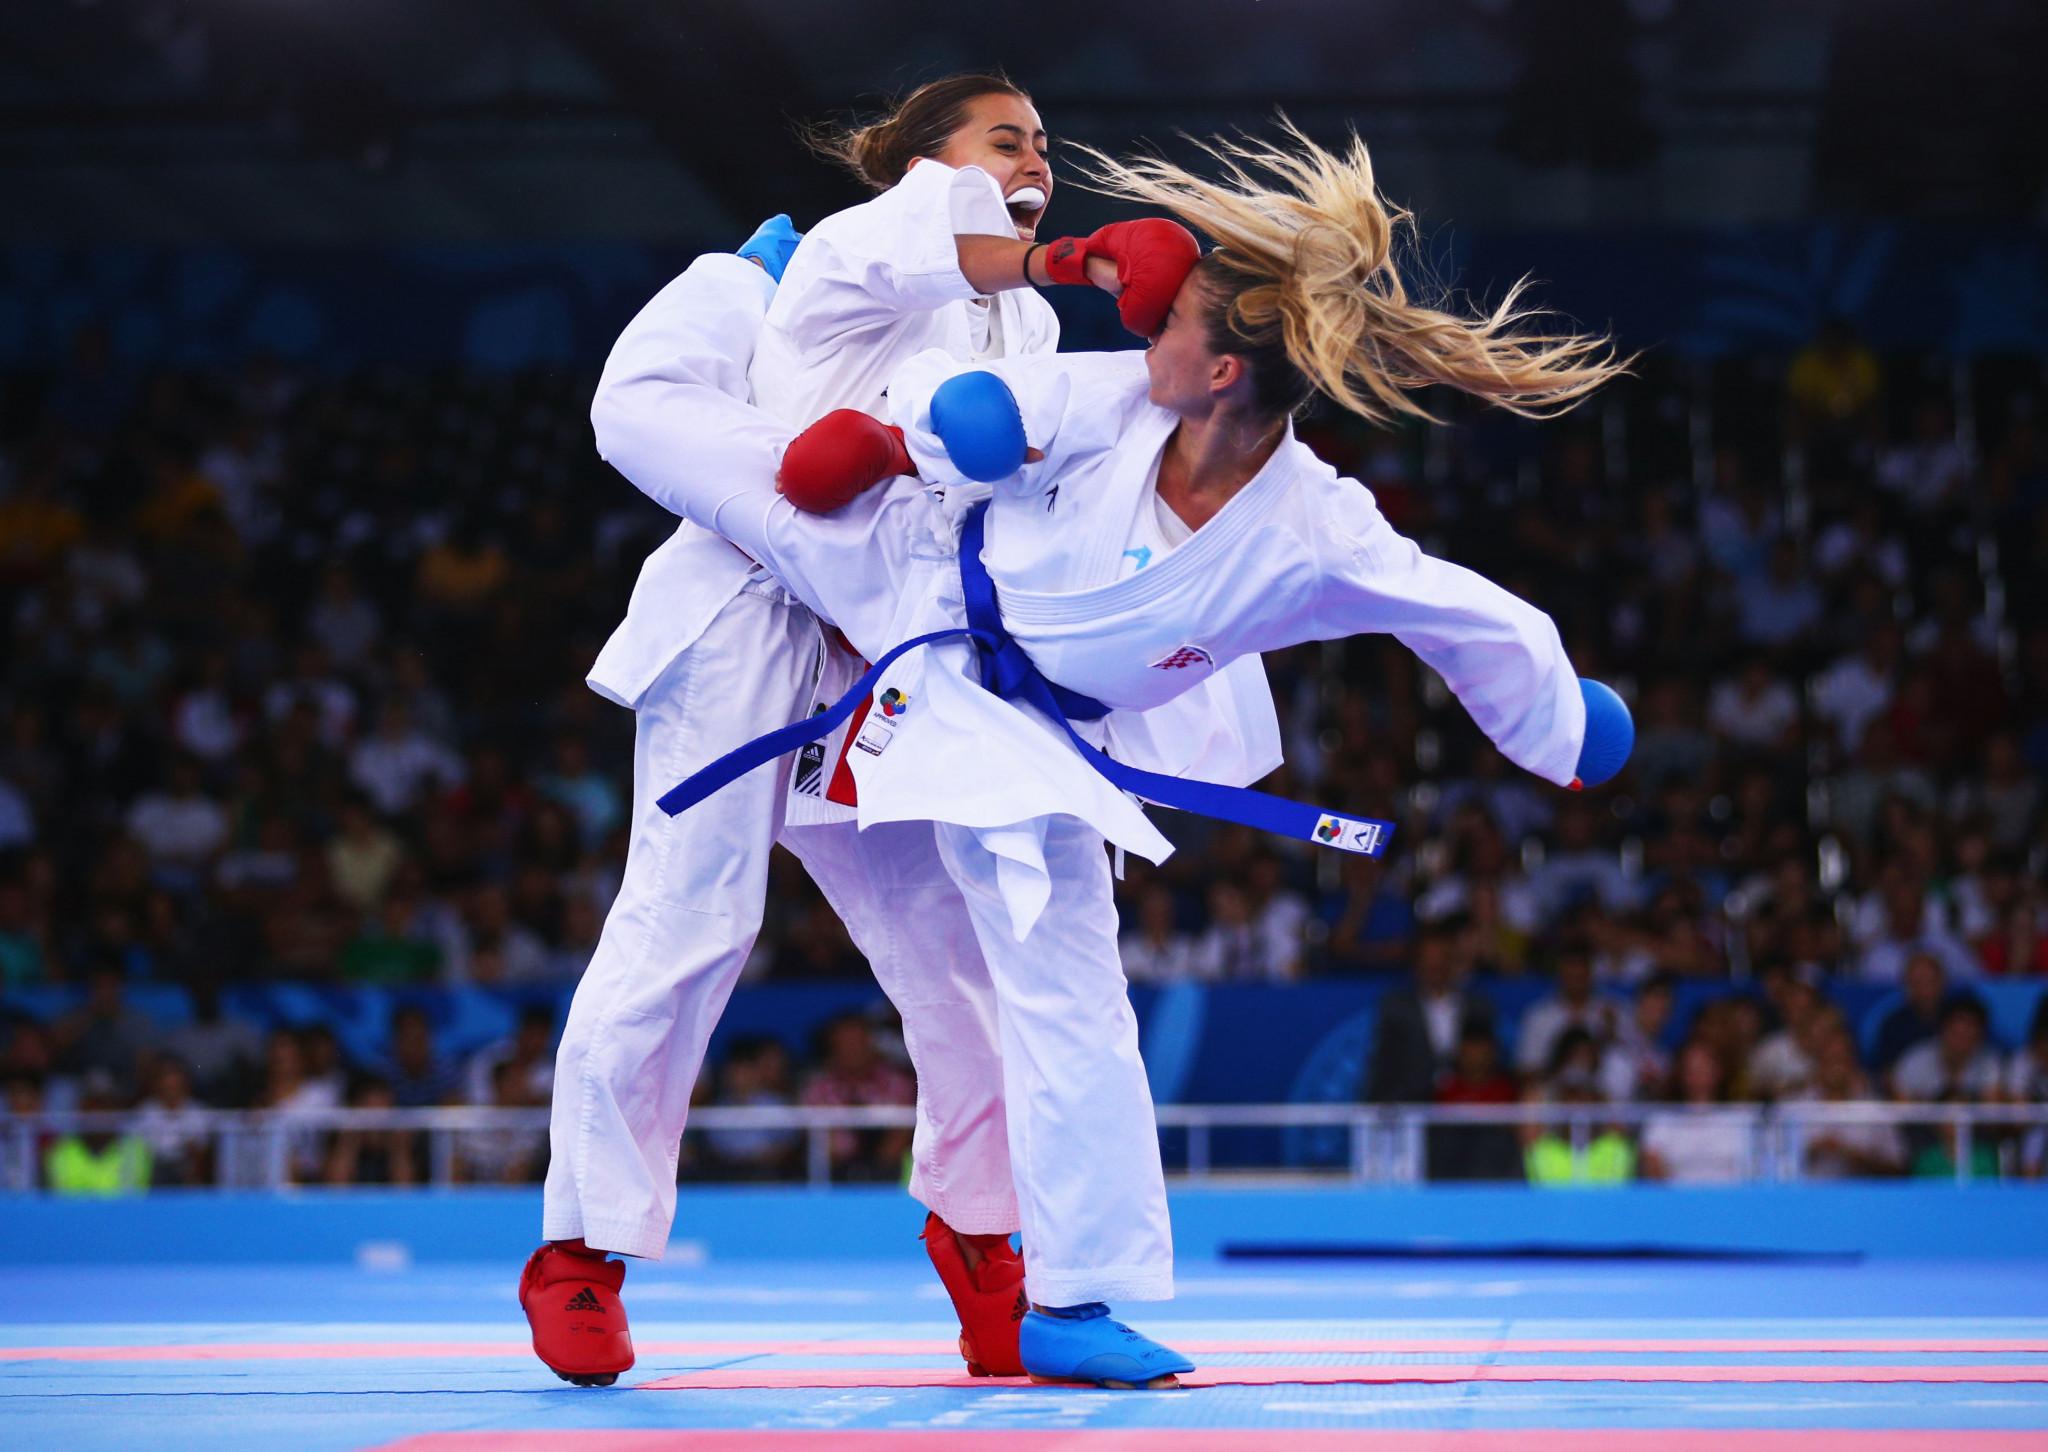 Espinós hails growth of karate in Europe despite coronavirus challenges